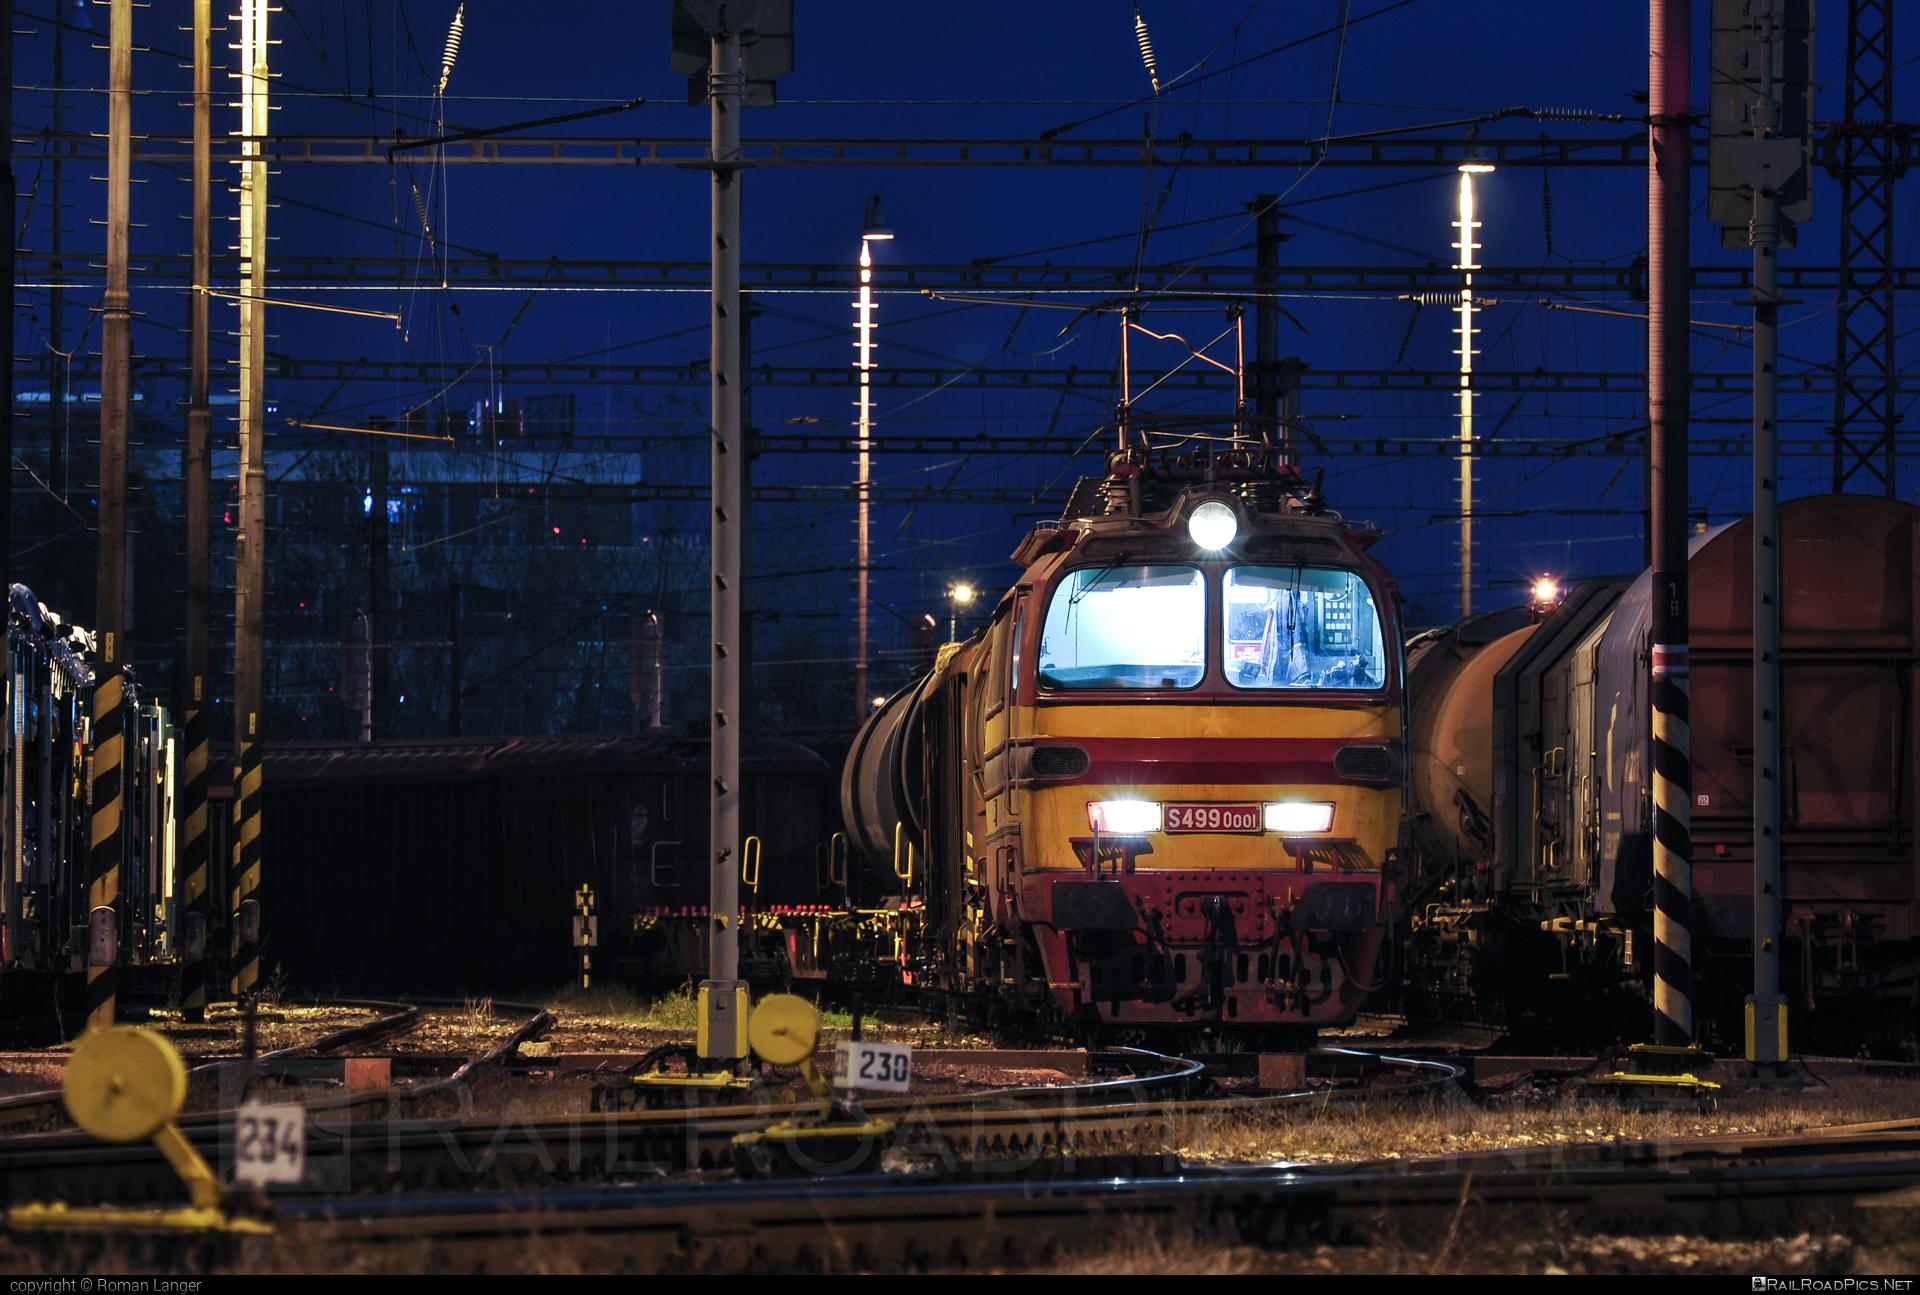 Škoda 47E - S4990001 operated by Železničná Spoločnost' Cargo Slovakia a.s. #ZeleznicnaSpolocnostCargoSlovakia #ZeleznicnaSpolocnostSlovensko #laminatka #locomotive240 #skoda #skoda47e #zssk #zsskcargo